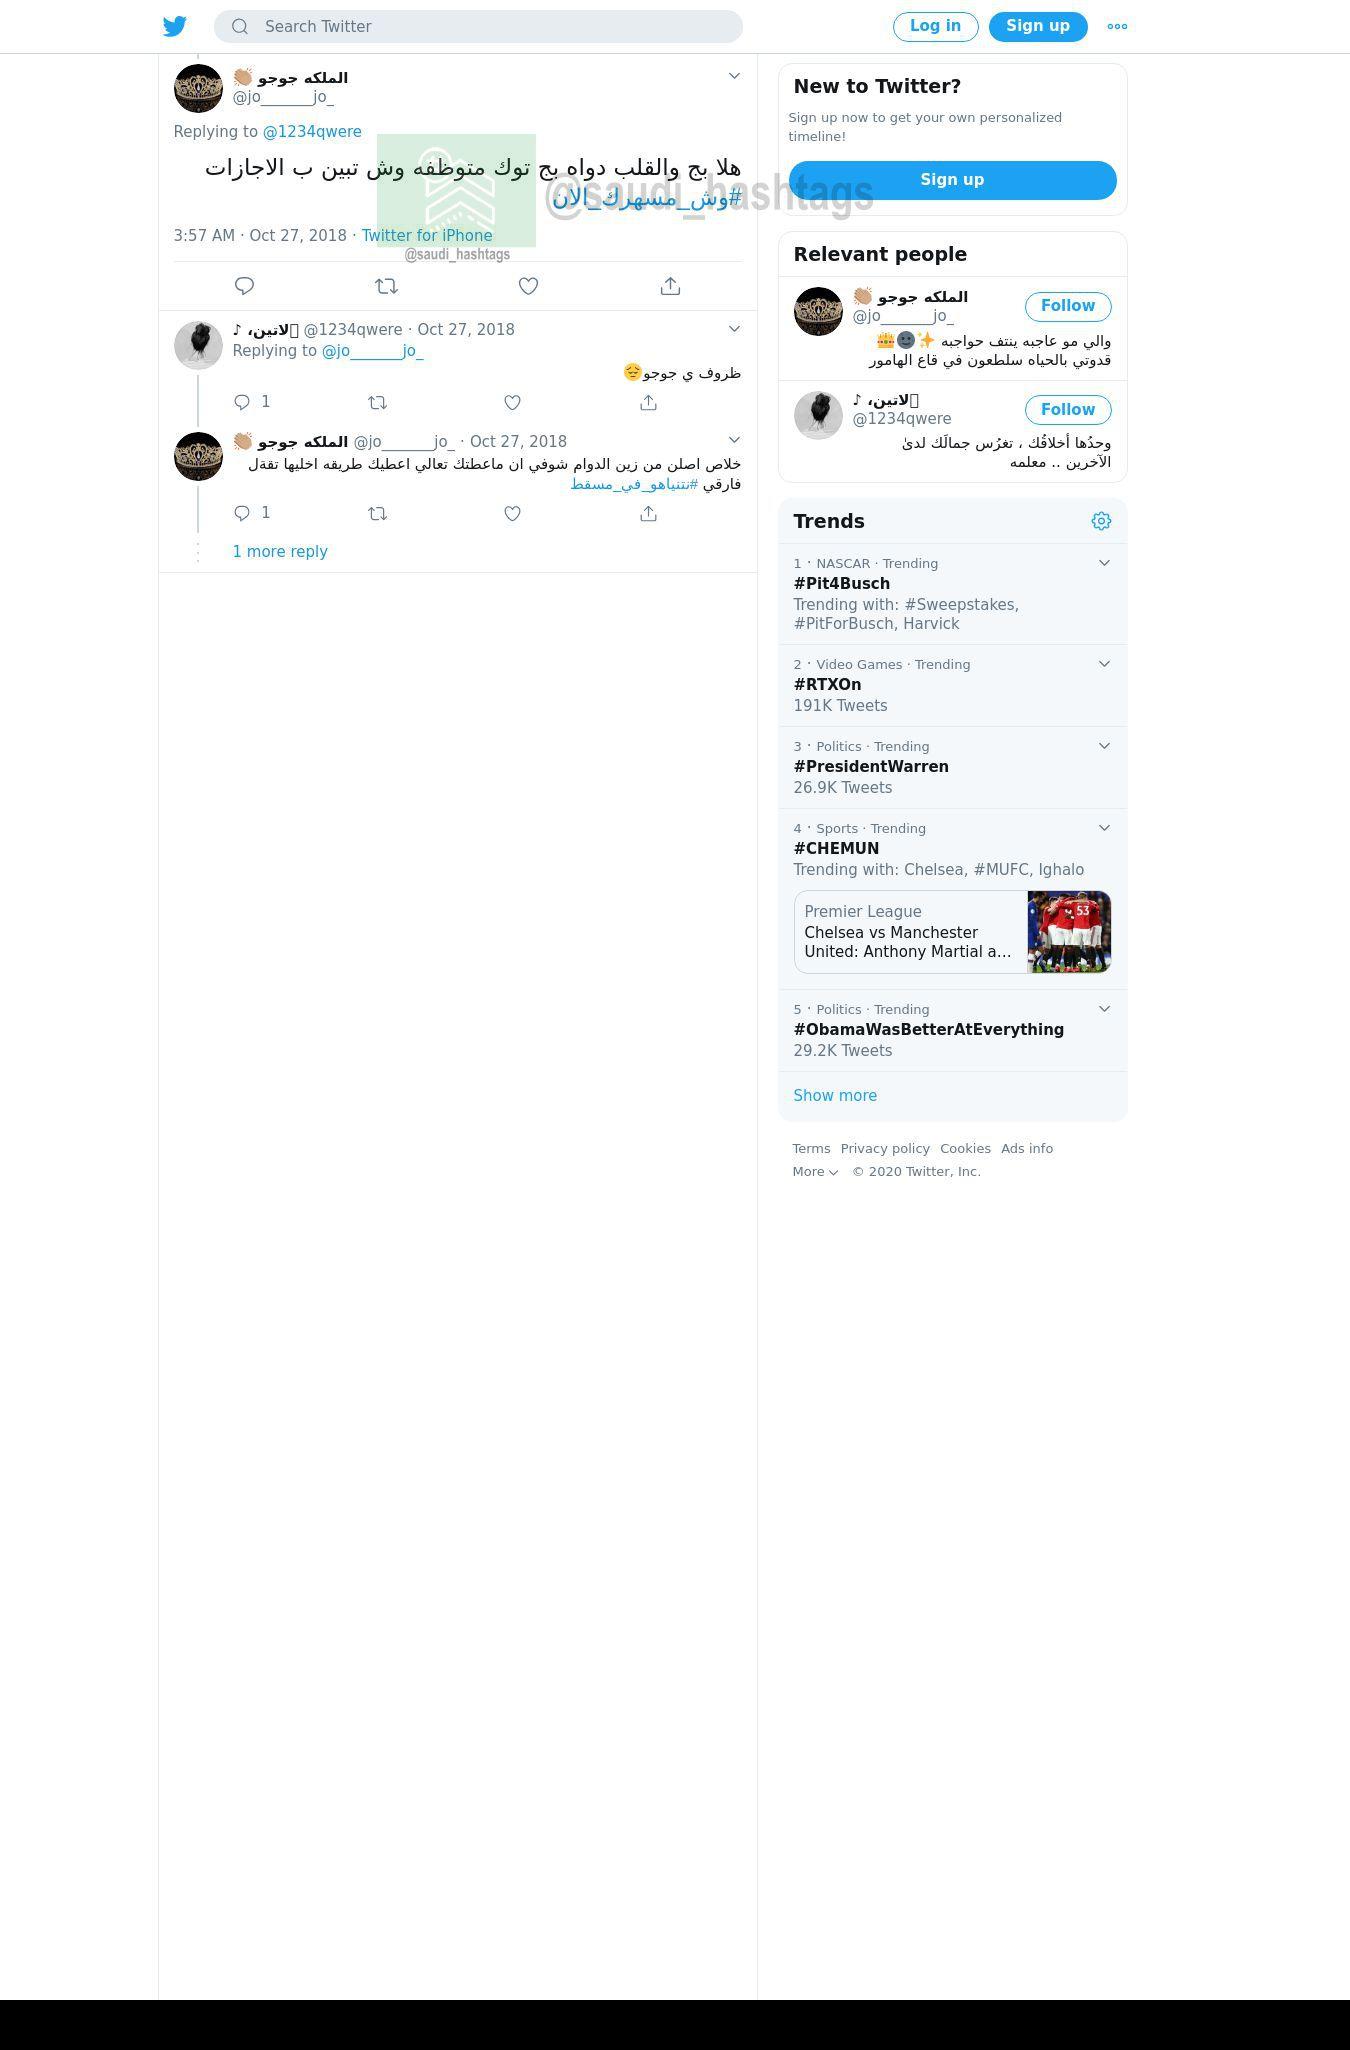 لقطة لاول تغريدة في هاشتاق #وش_مسهرك_الان